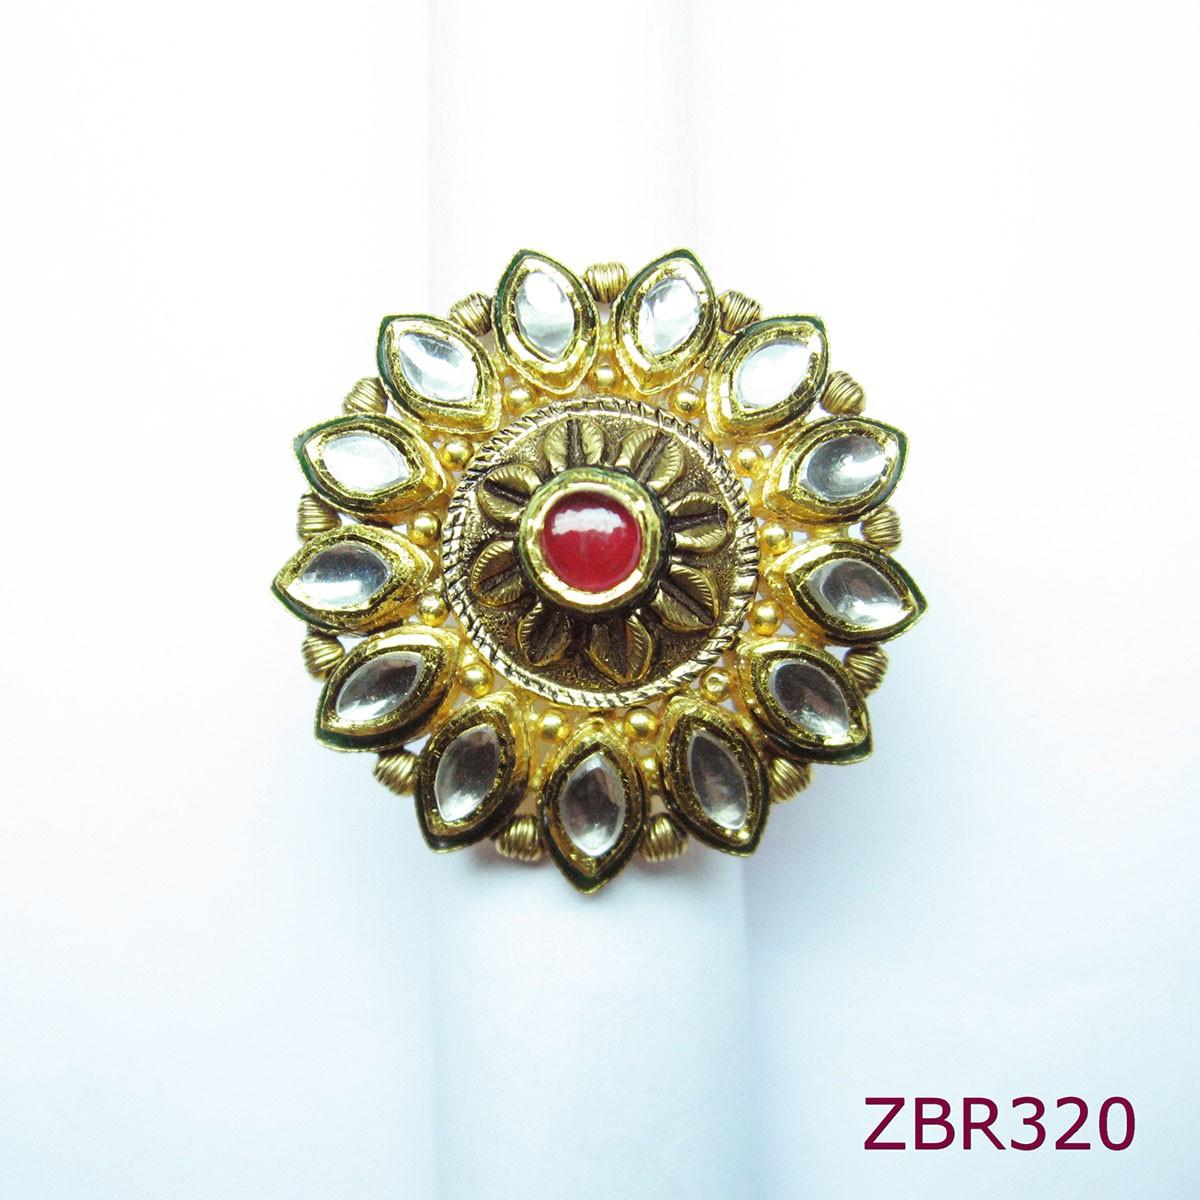 ZBR320